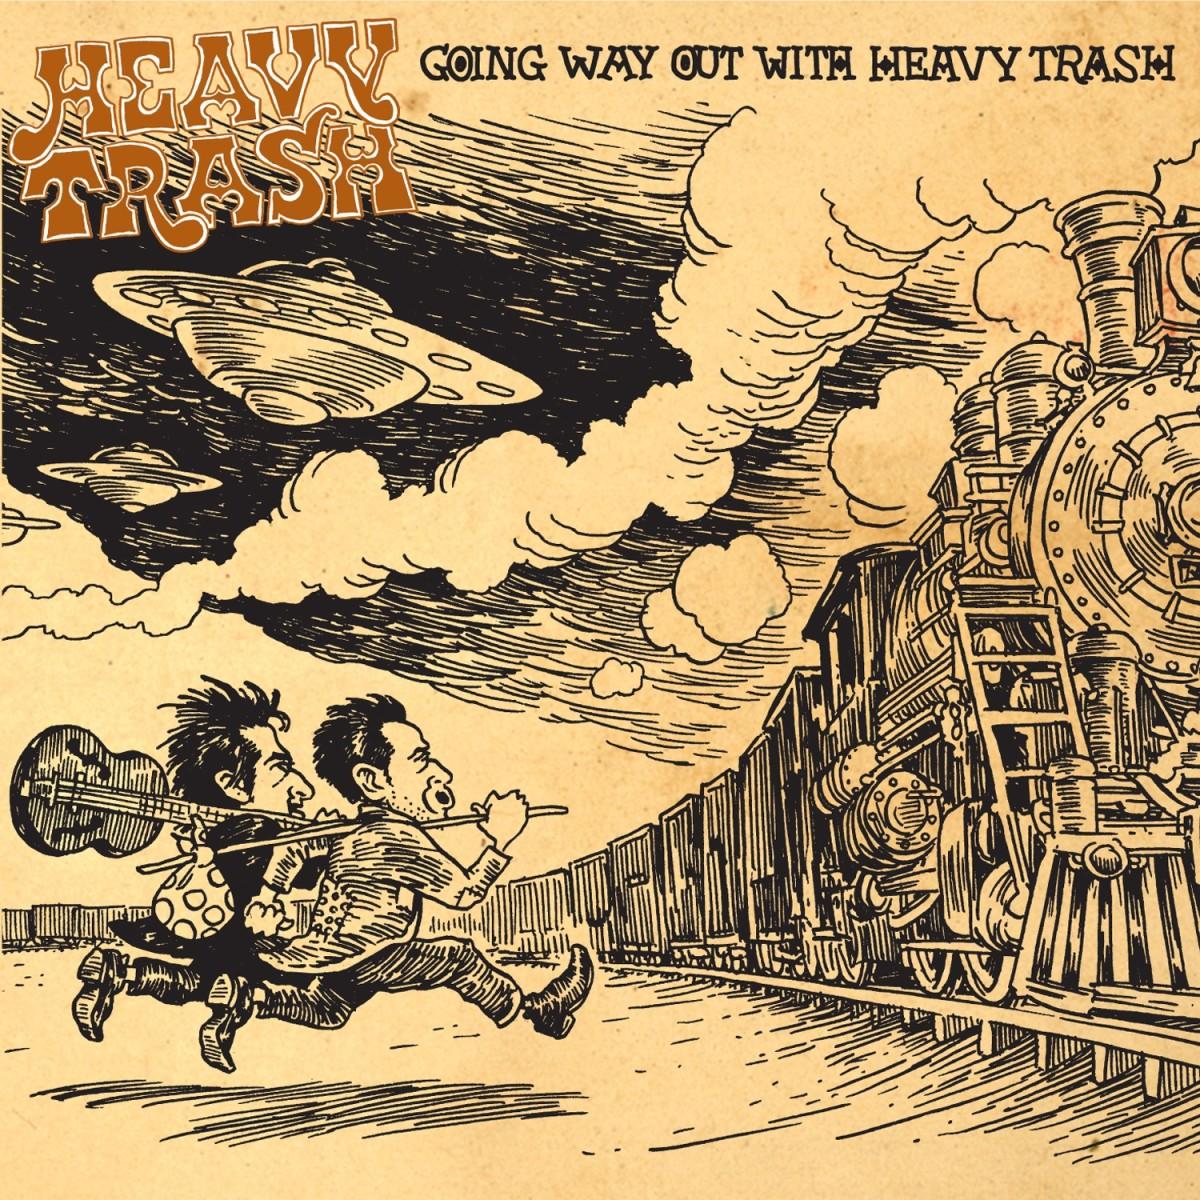 HeavyTrash_GoingWayOutWith_cover.jpg